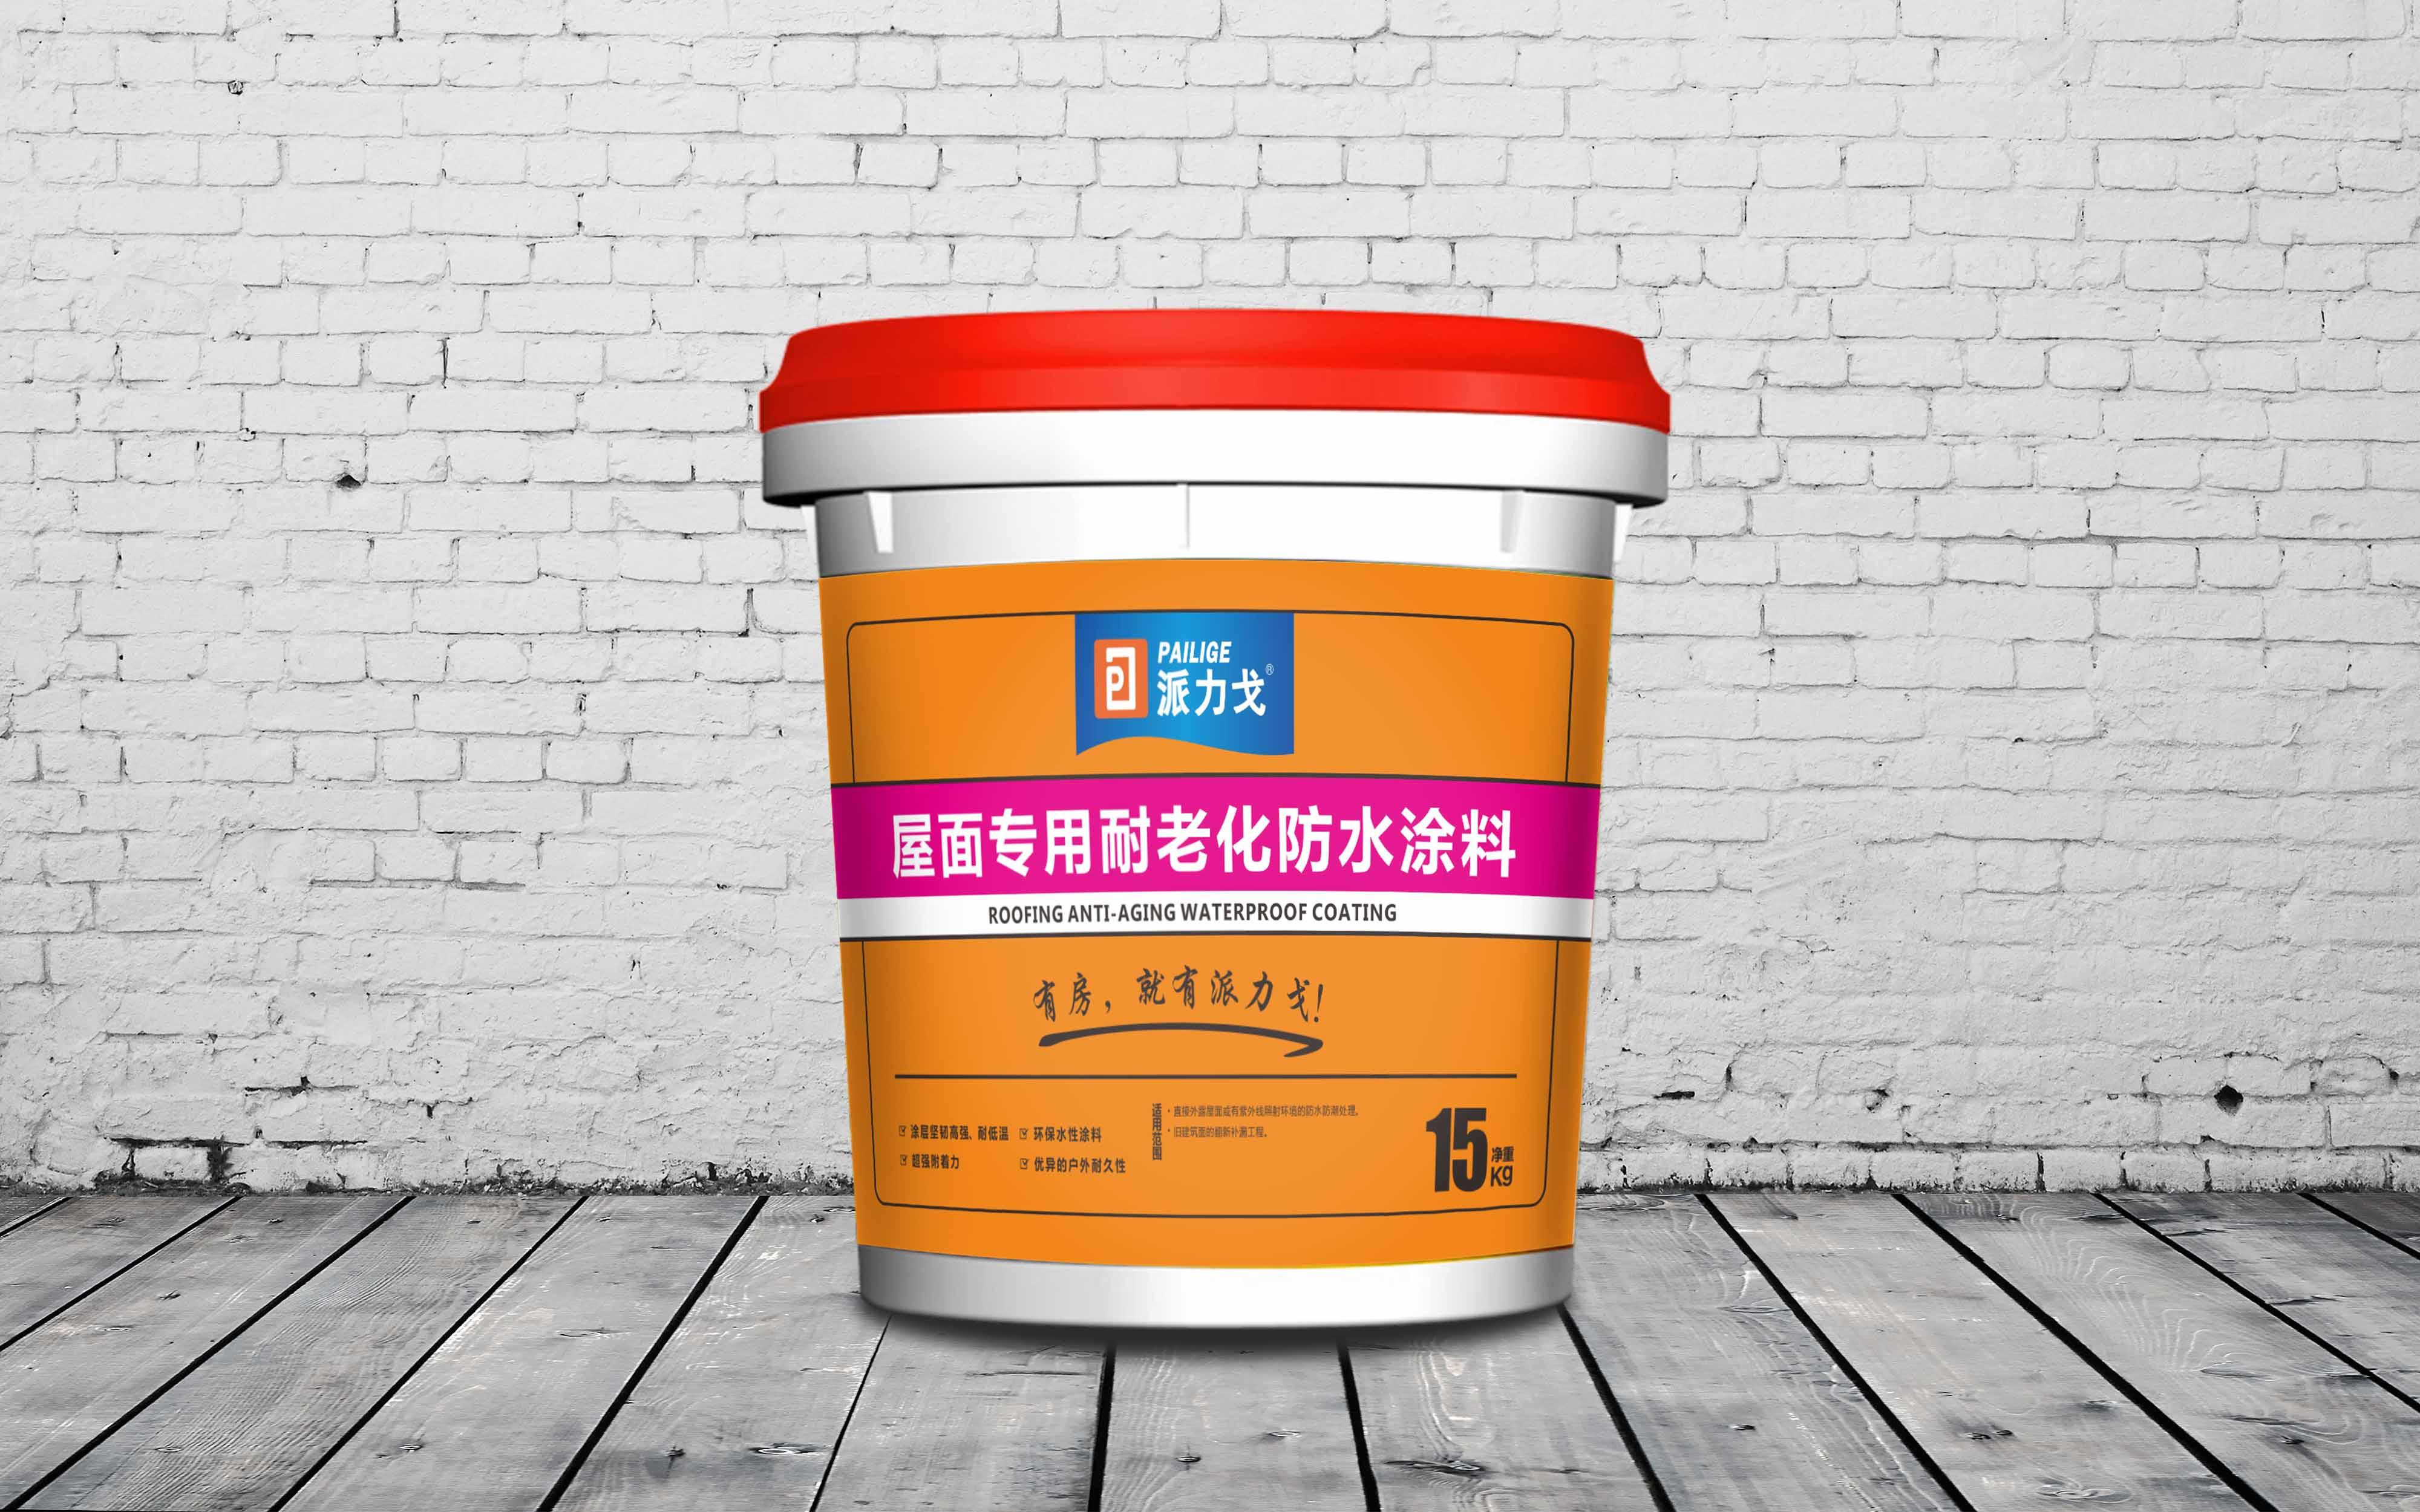 亞遊集團app下載屋麵專用耐老化防水塗料